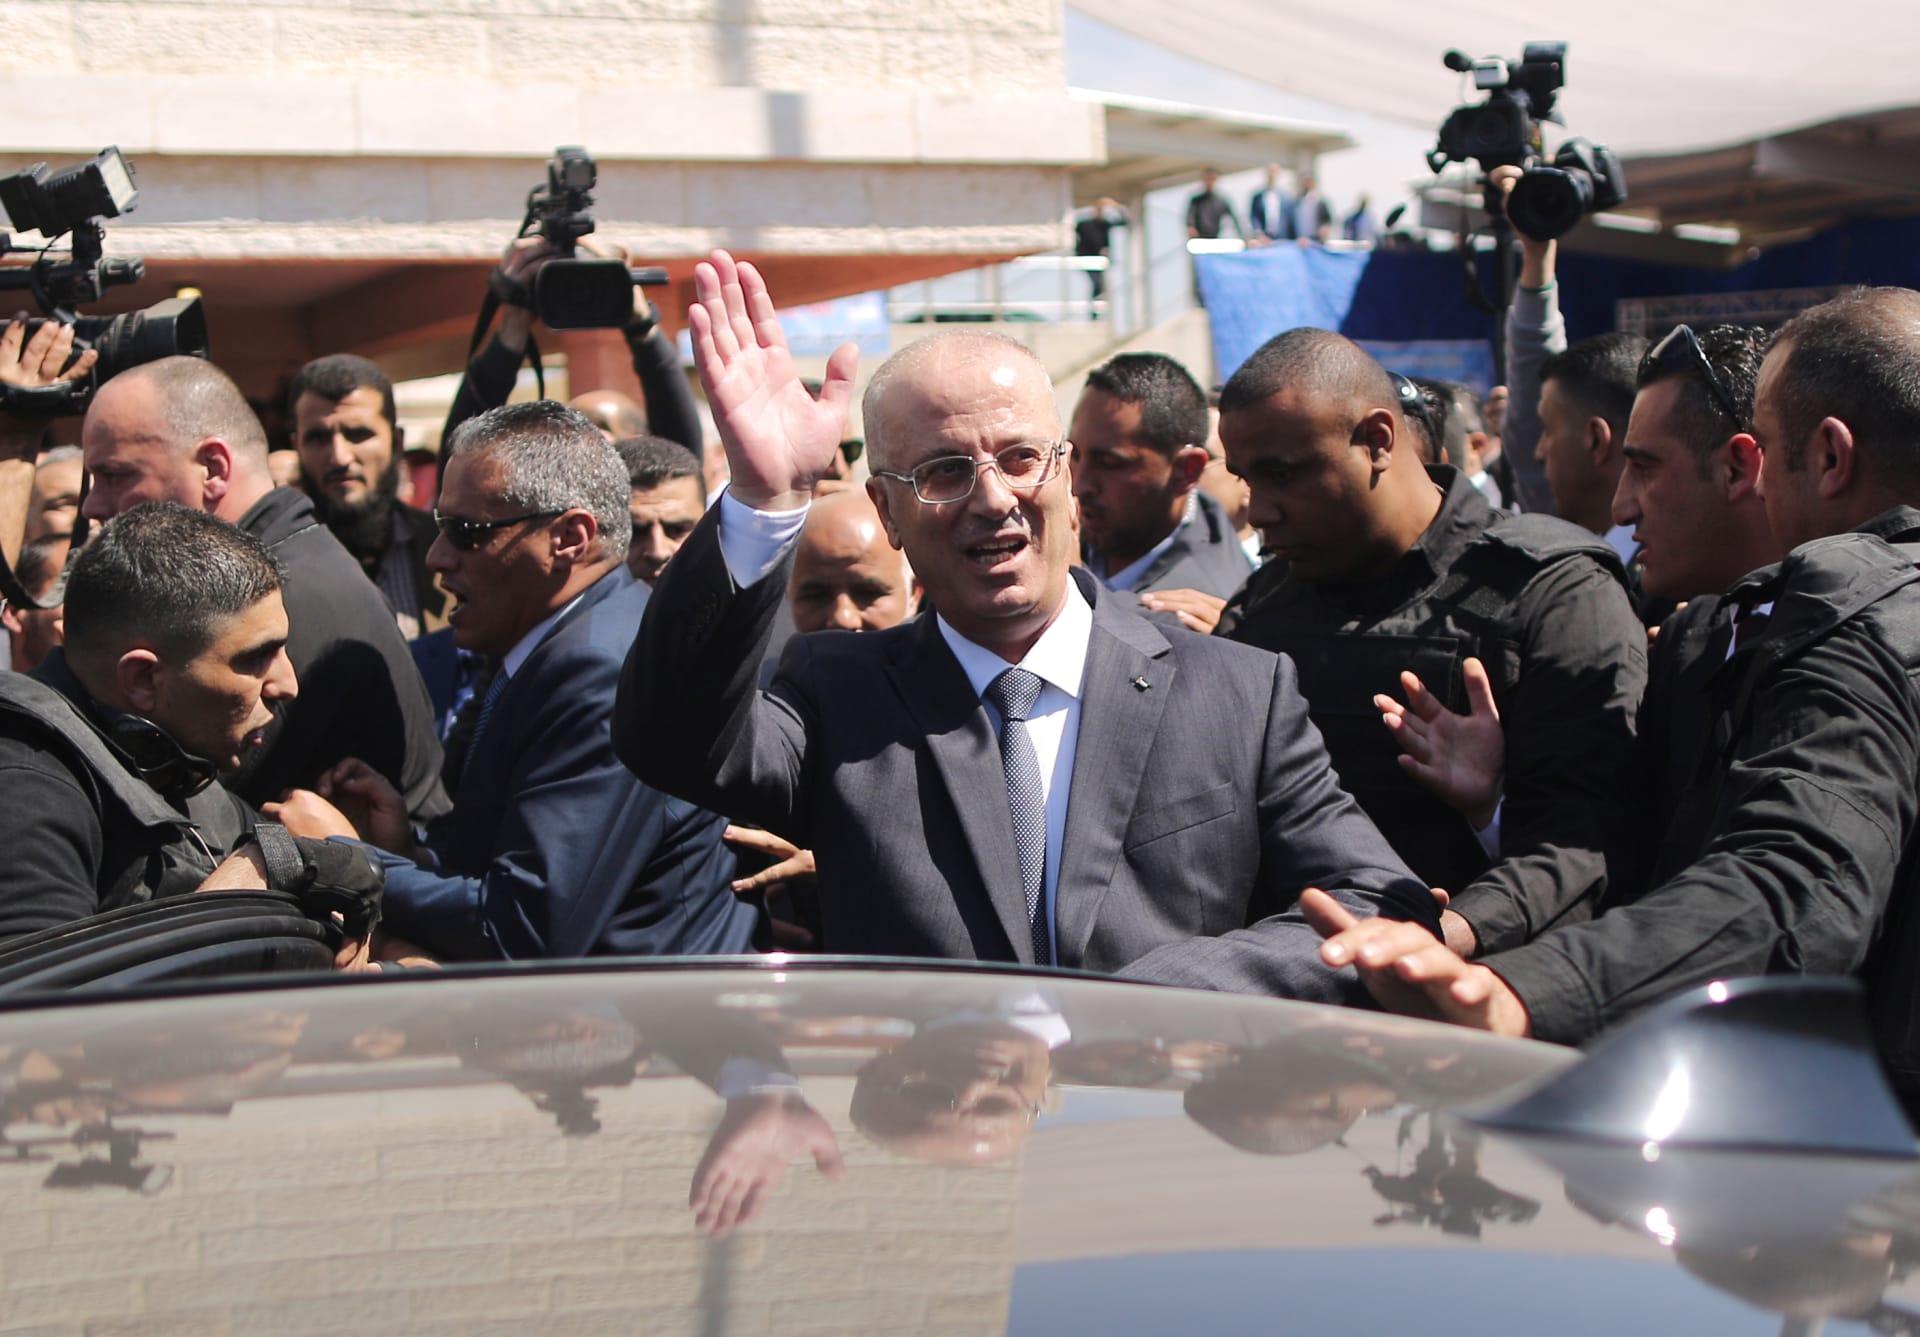 رئيس الوزراء الفلسطيني ينجو من محاولة اغتيال واتهامات لحماس بالوقوف وراء التفجير